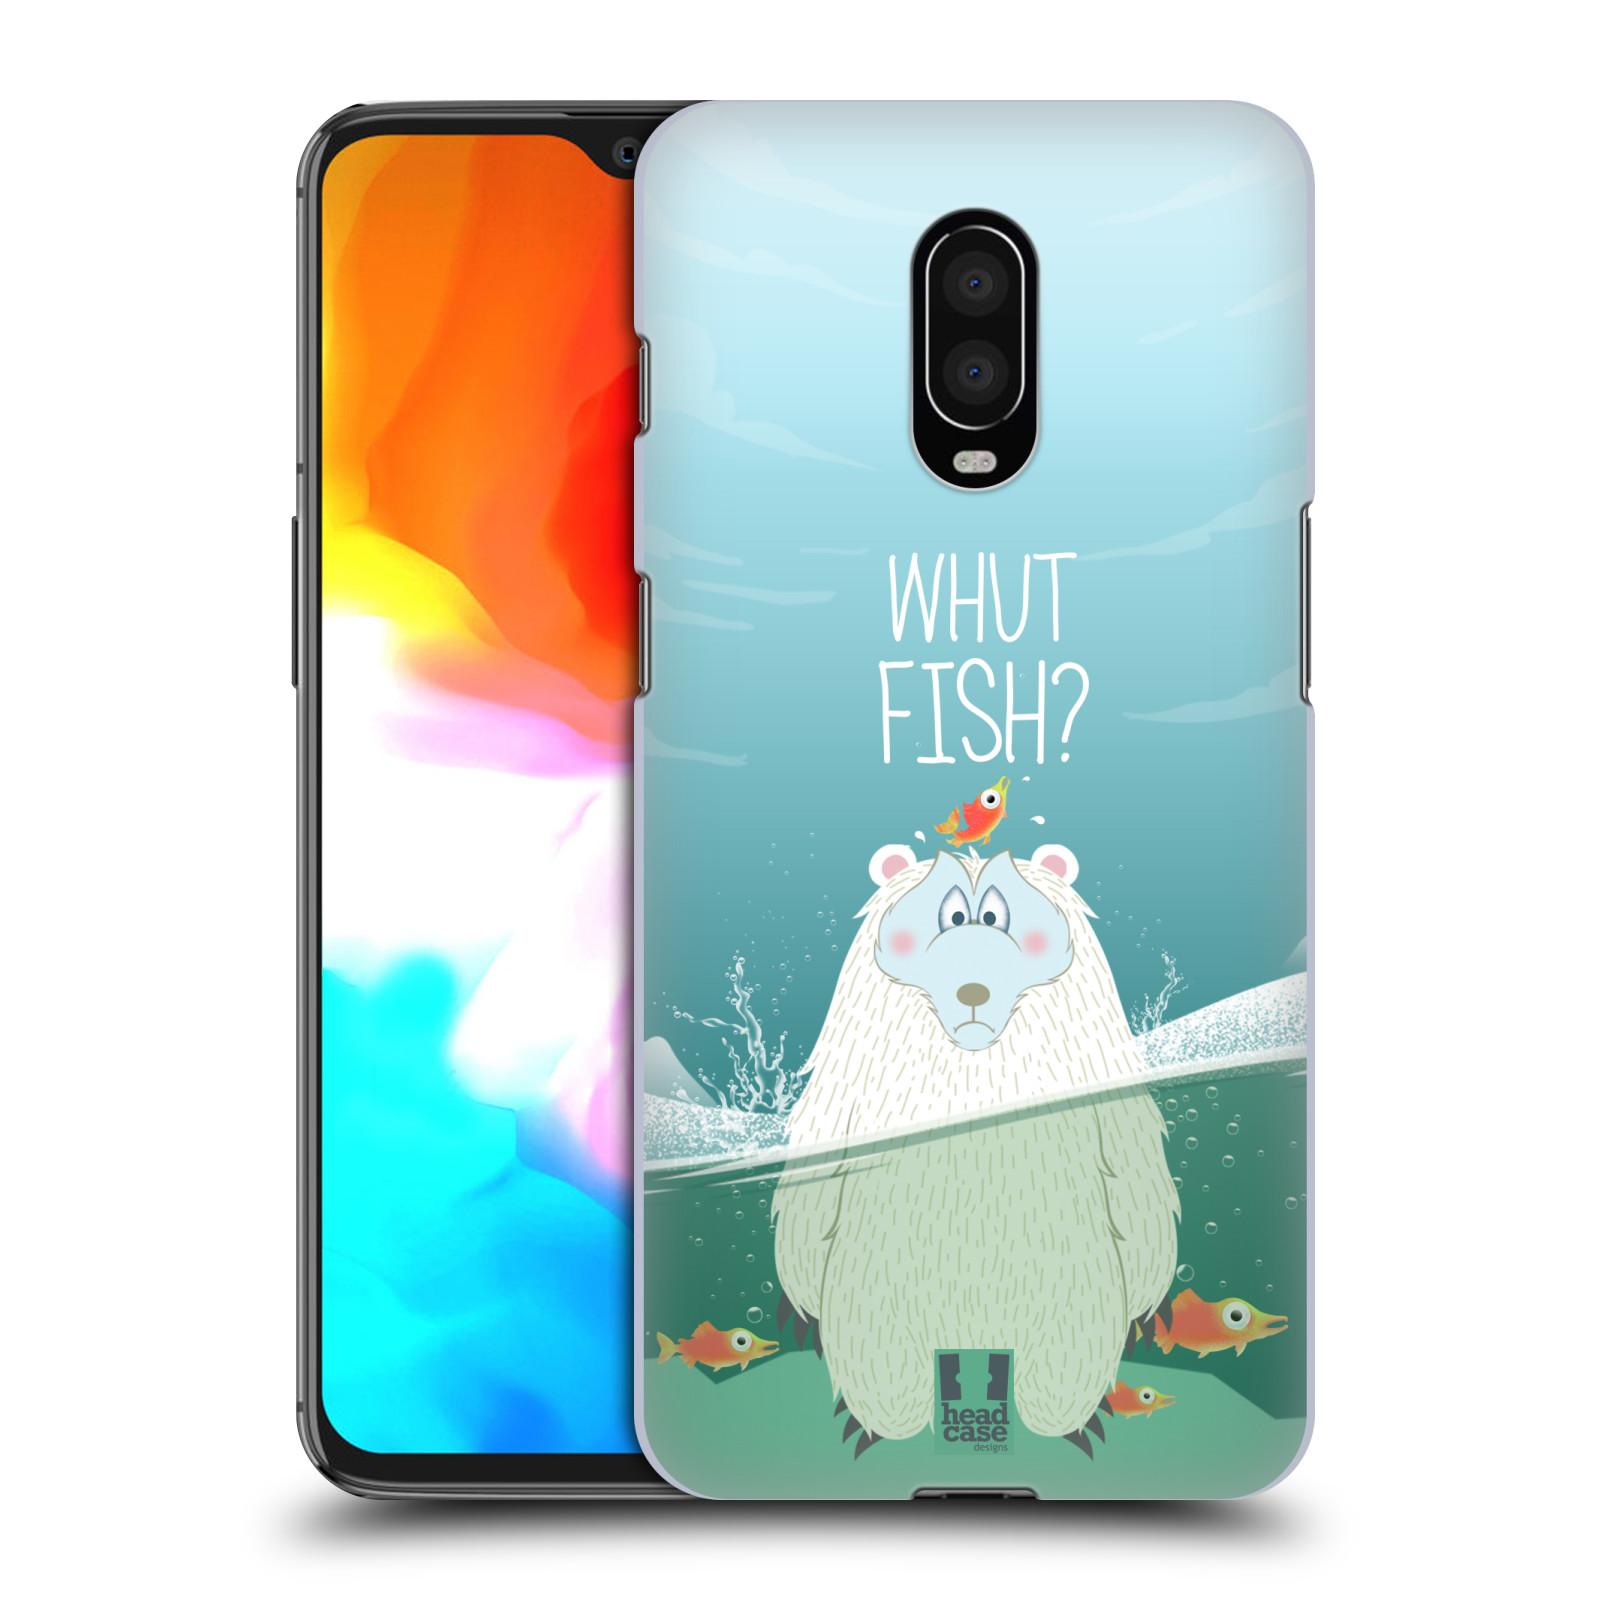 Plastové pouzdro na mobil OnePlus 6T - Head Case - Medvěd Whut Fish?